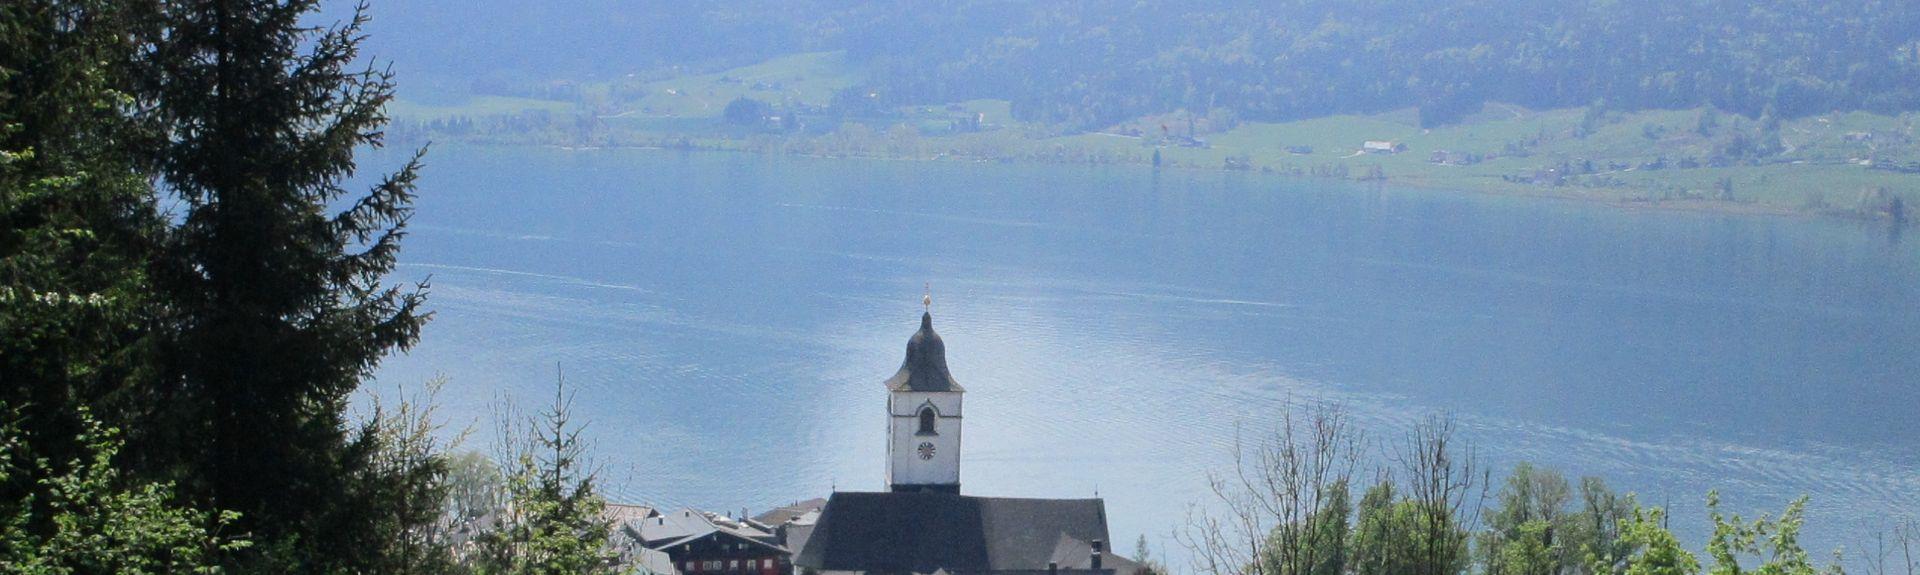 Fuschlsee, Austria